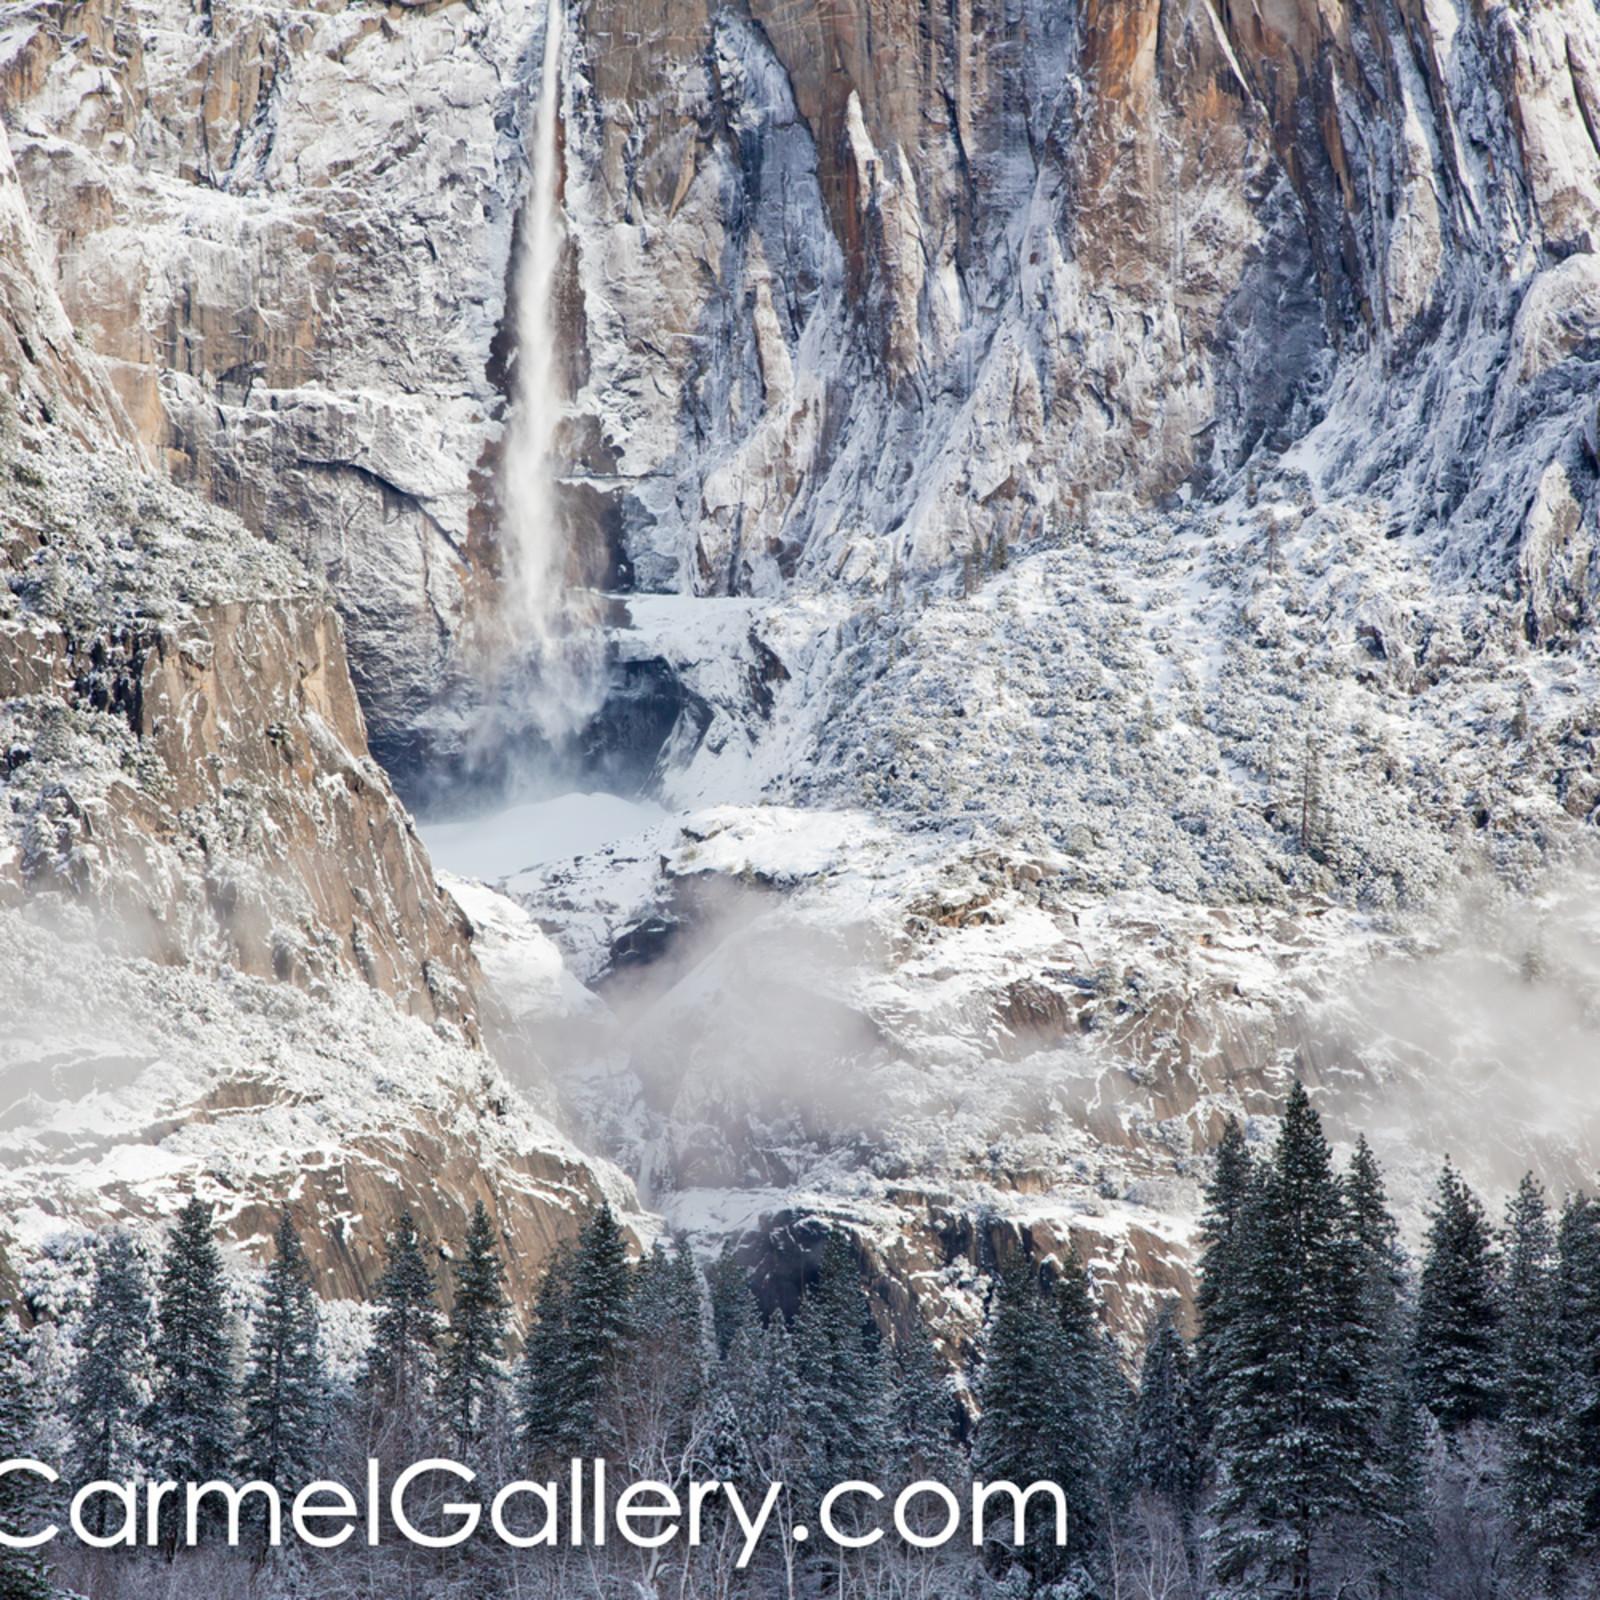 Upper falls in winter w5cfz1